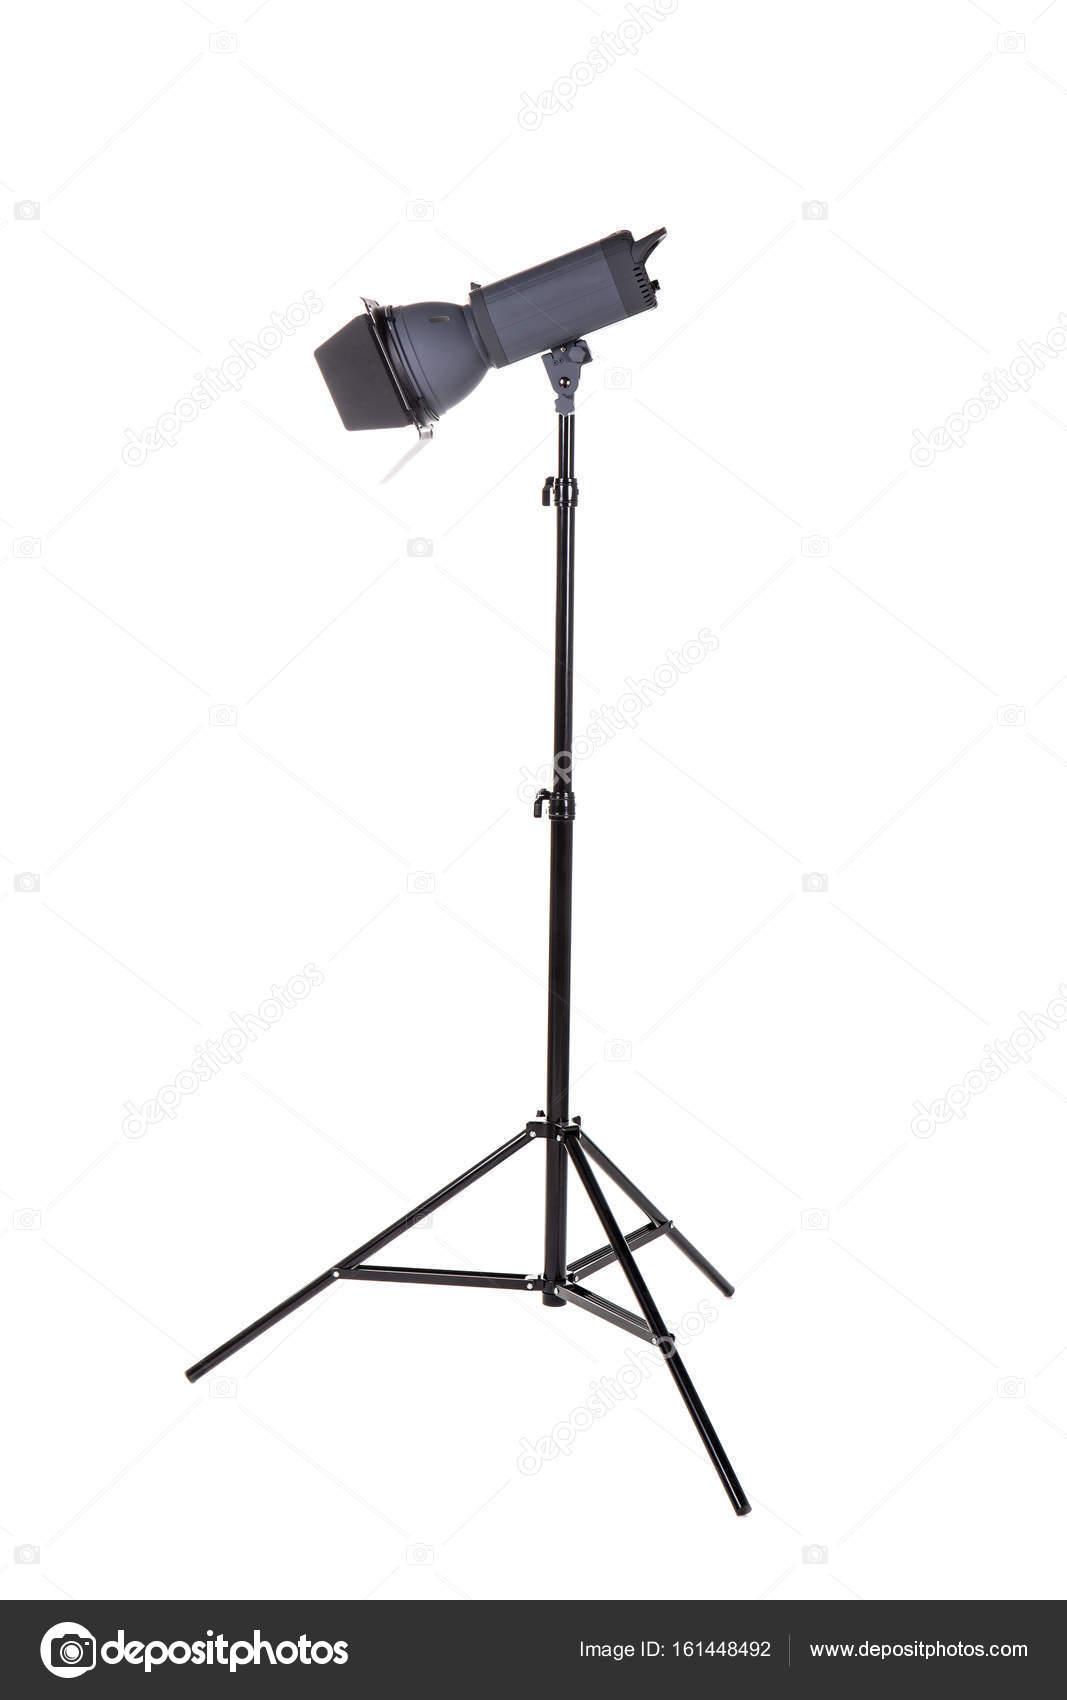 studio verlichting op een statief staan gesoleerd op een witte achtergrond professionele verlichting